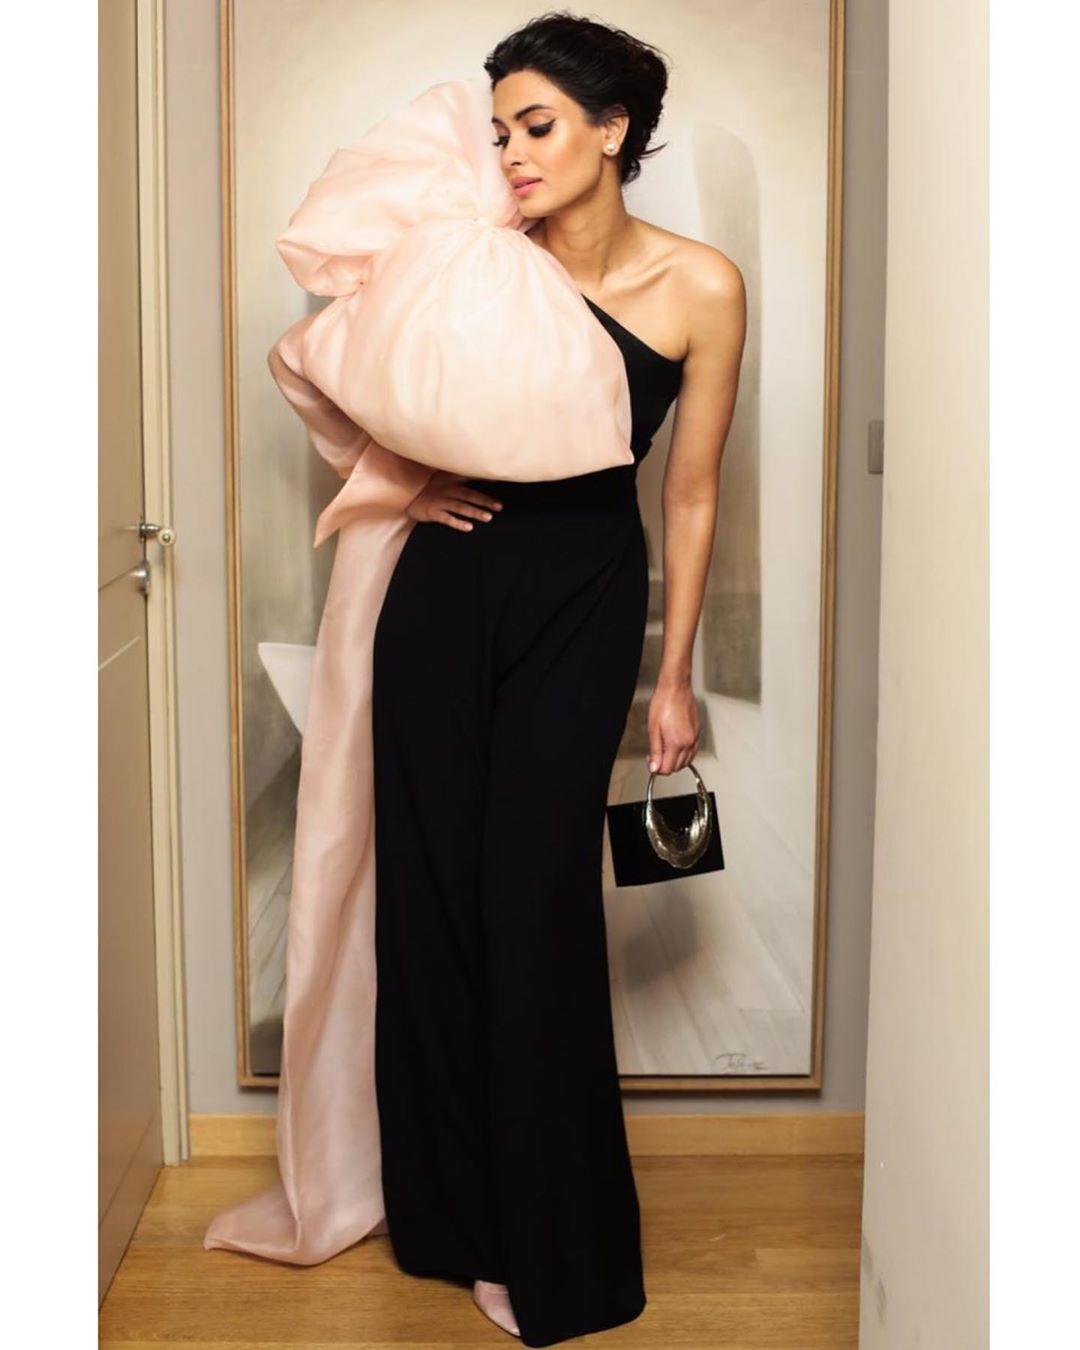 Diana penty bollywood actress 65